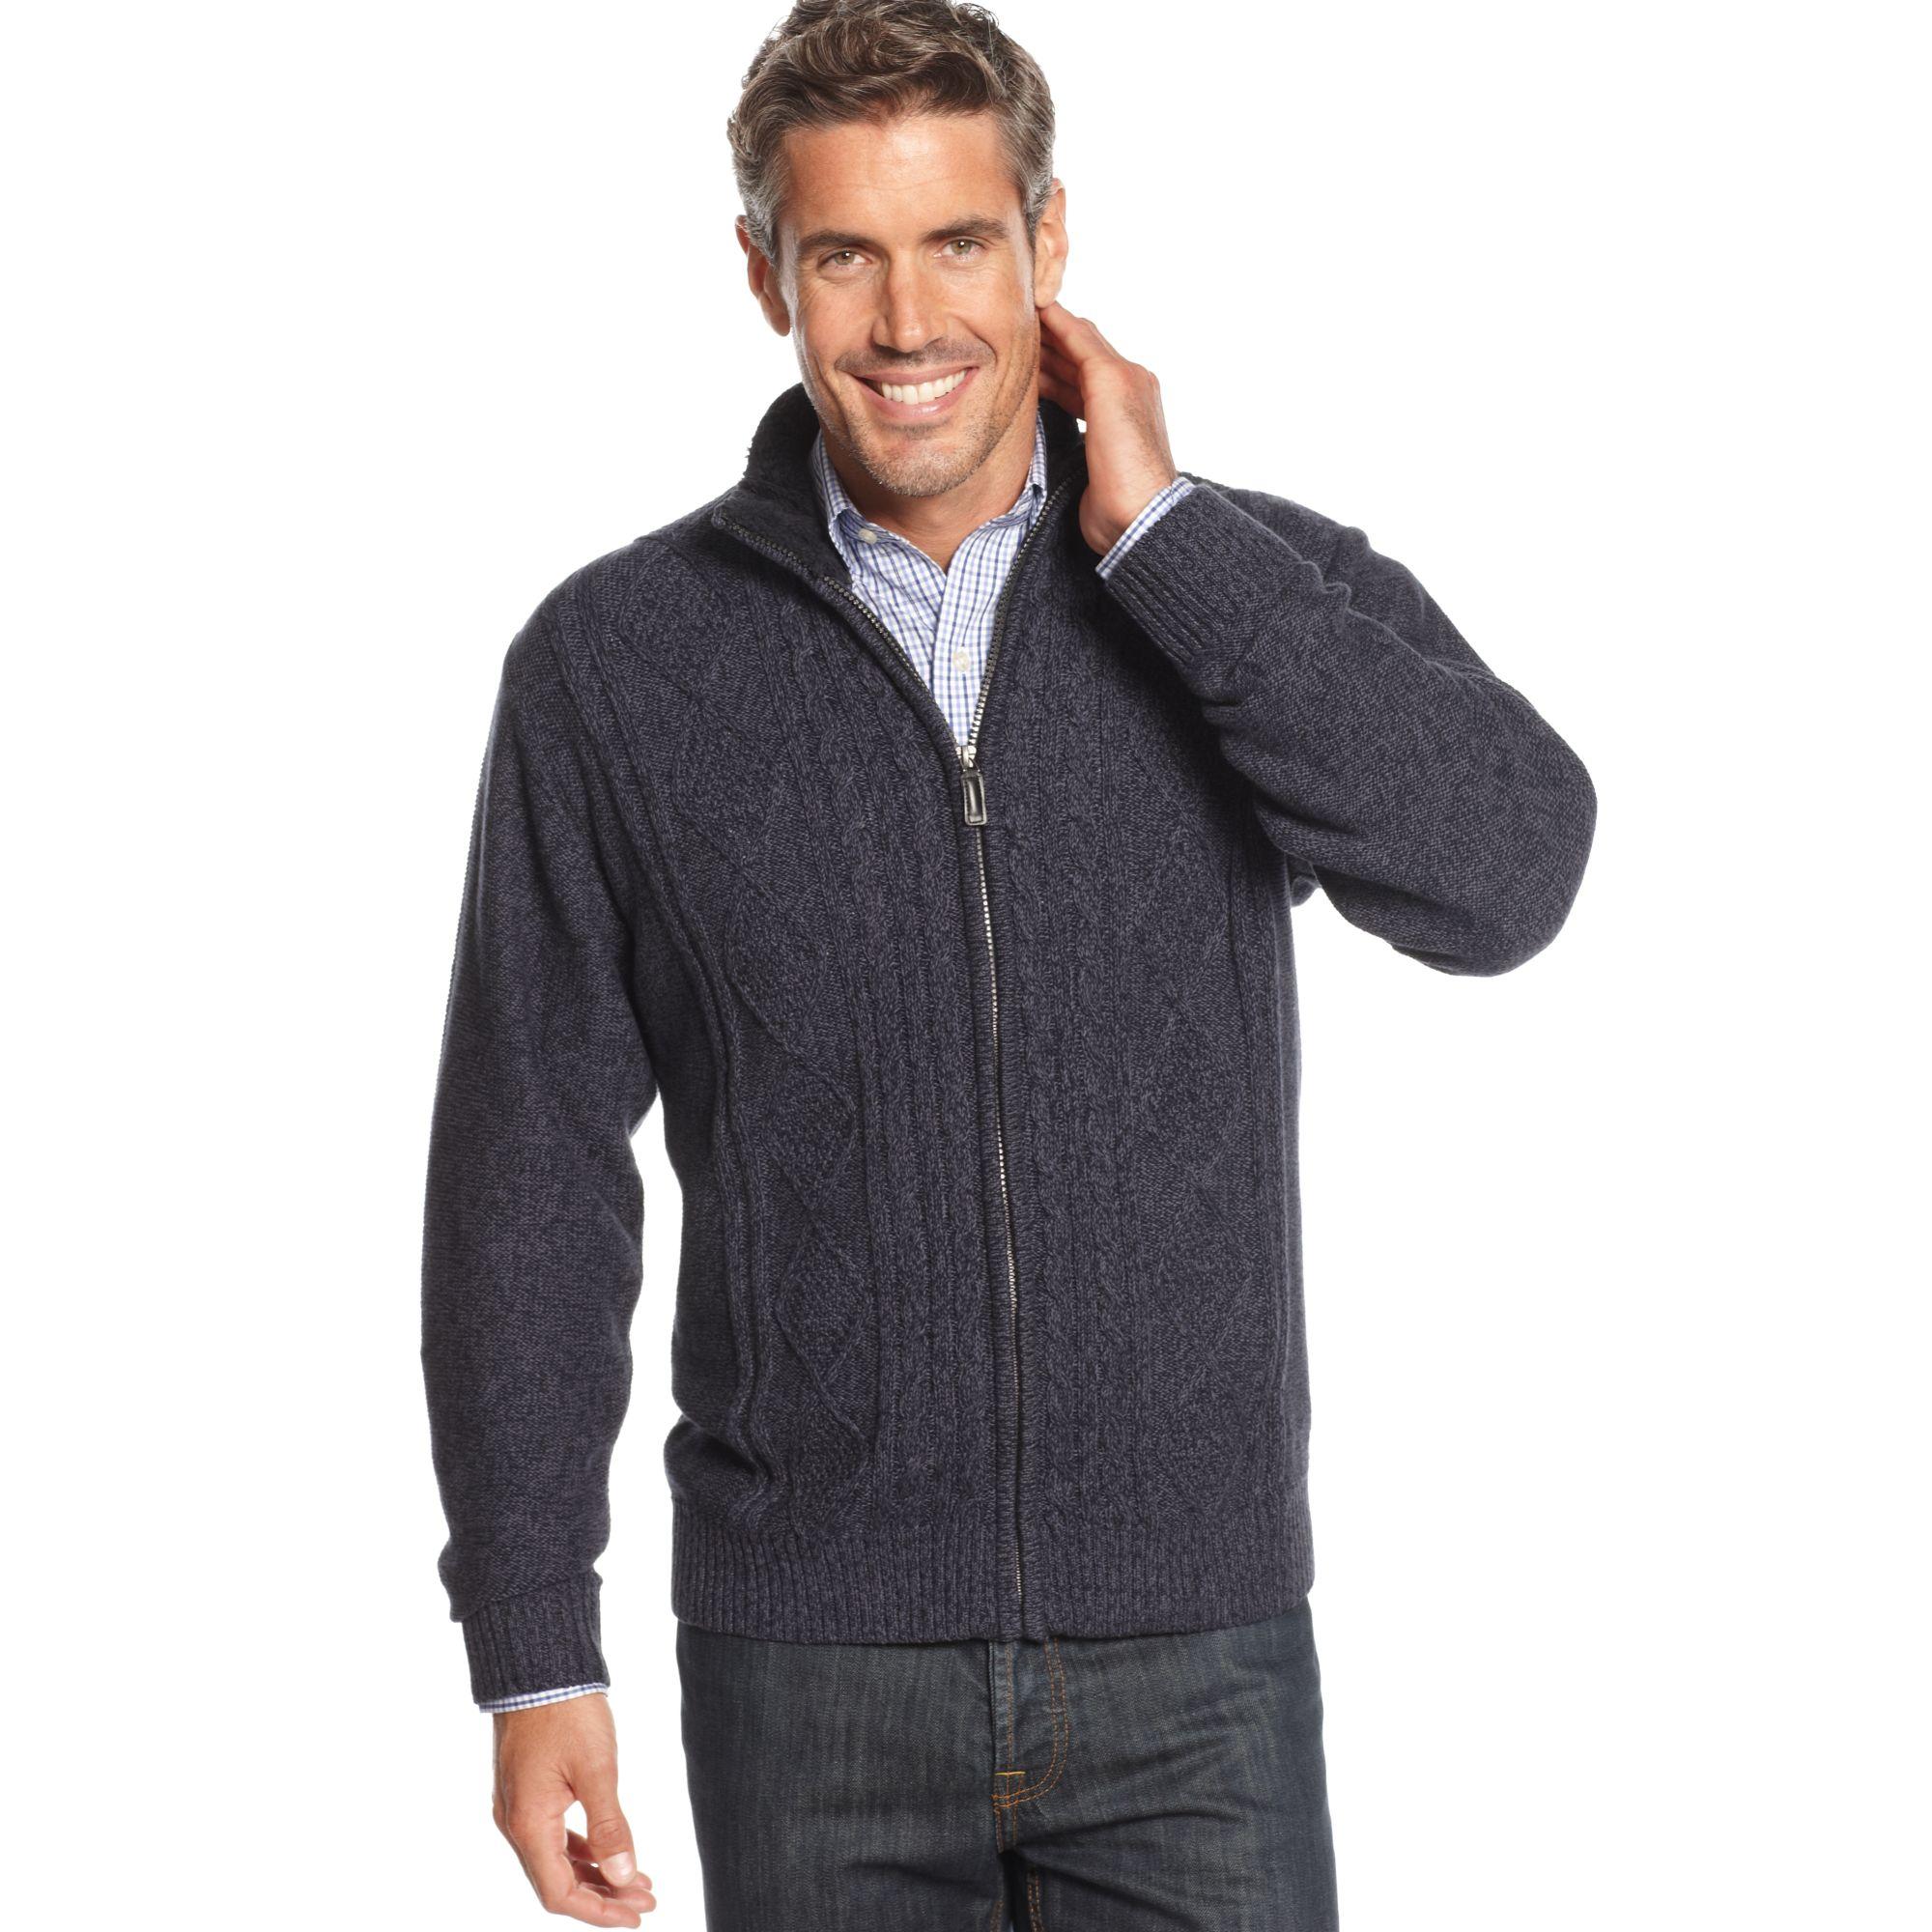 Oscar De La Renta Cotton Cable Zip Sweater Jacket In Blue